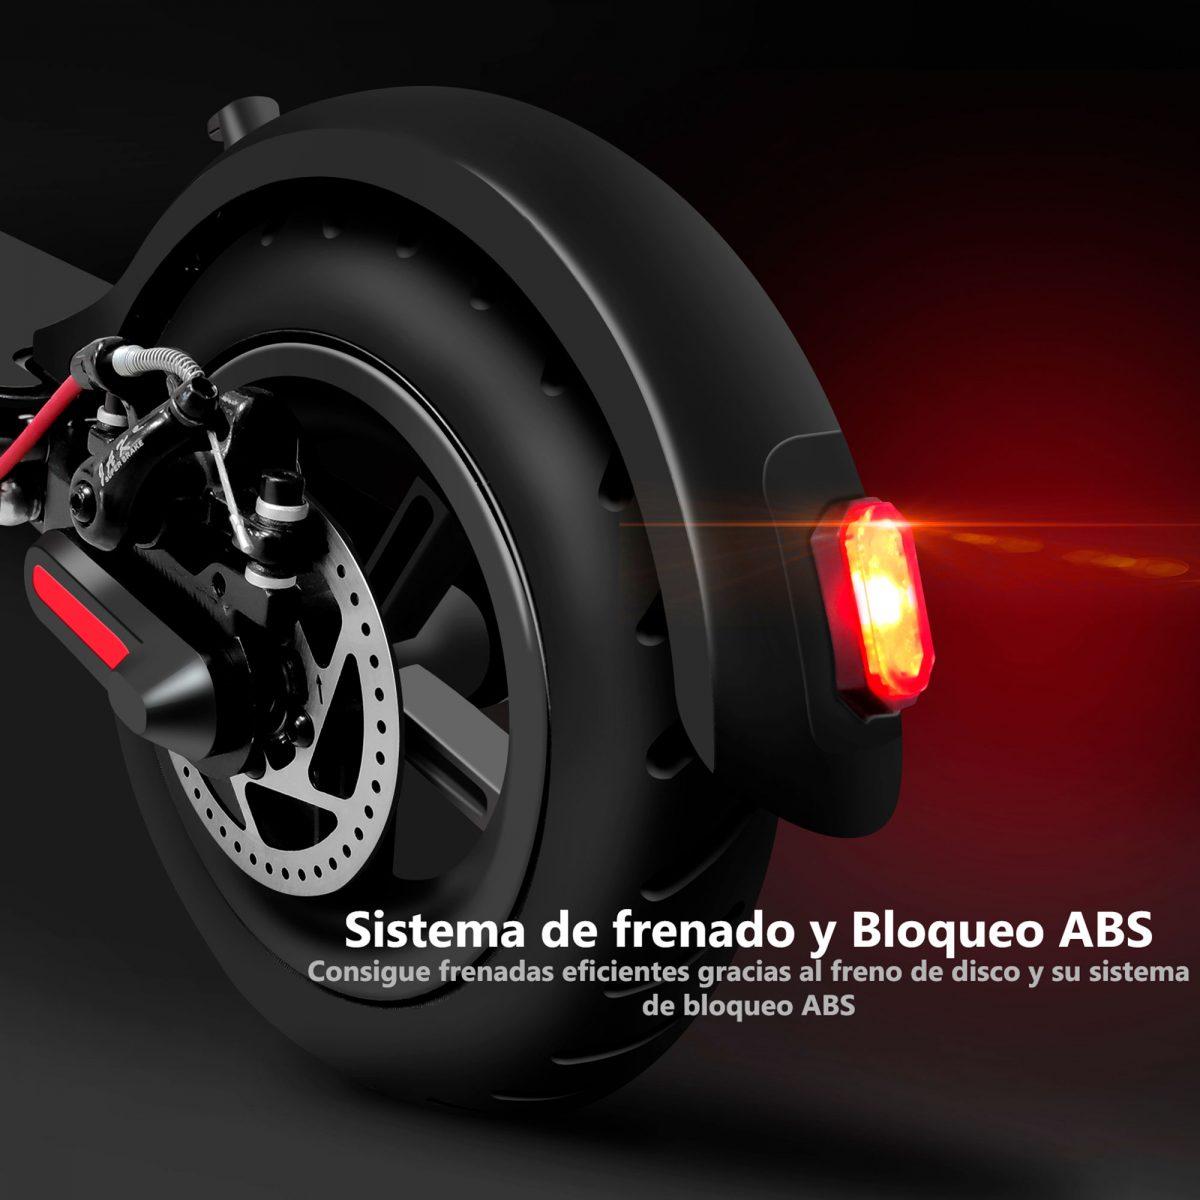 Sistema de frenado y bloqueo ABS para patinetes eléctricos - Zwheel